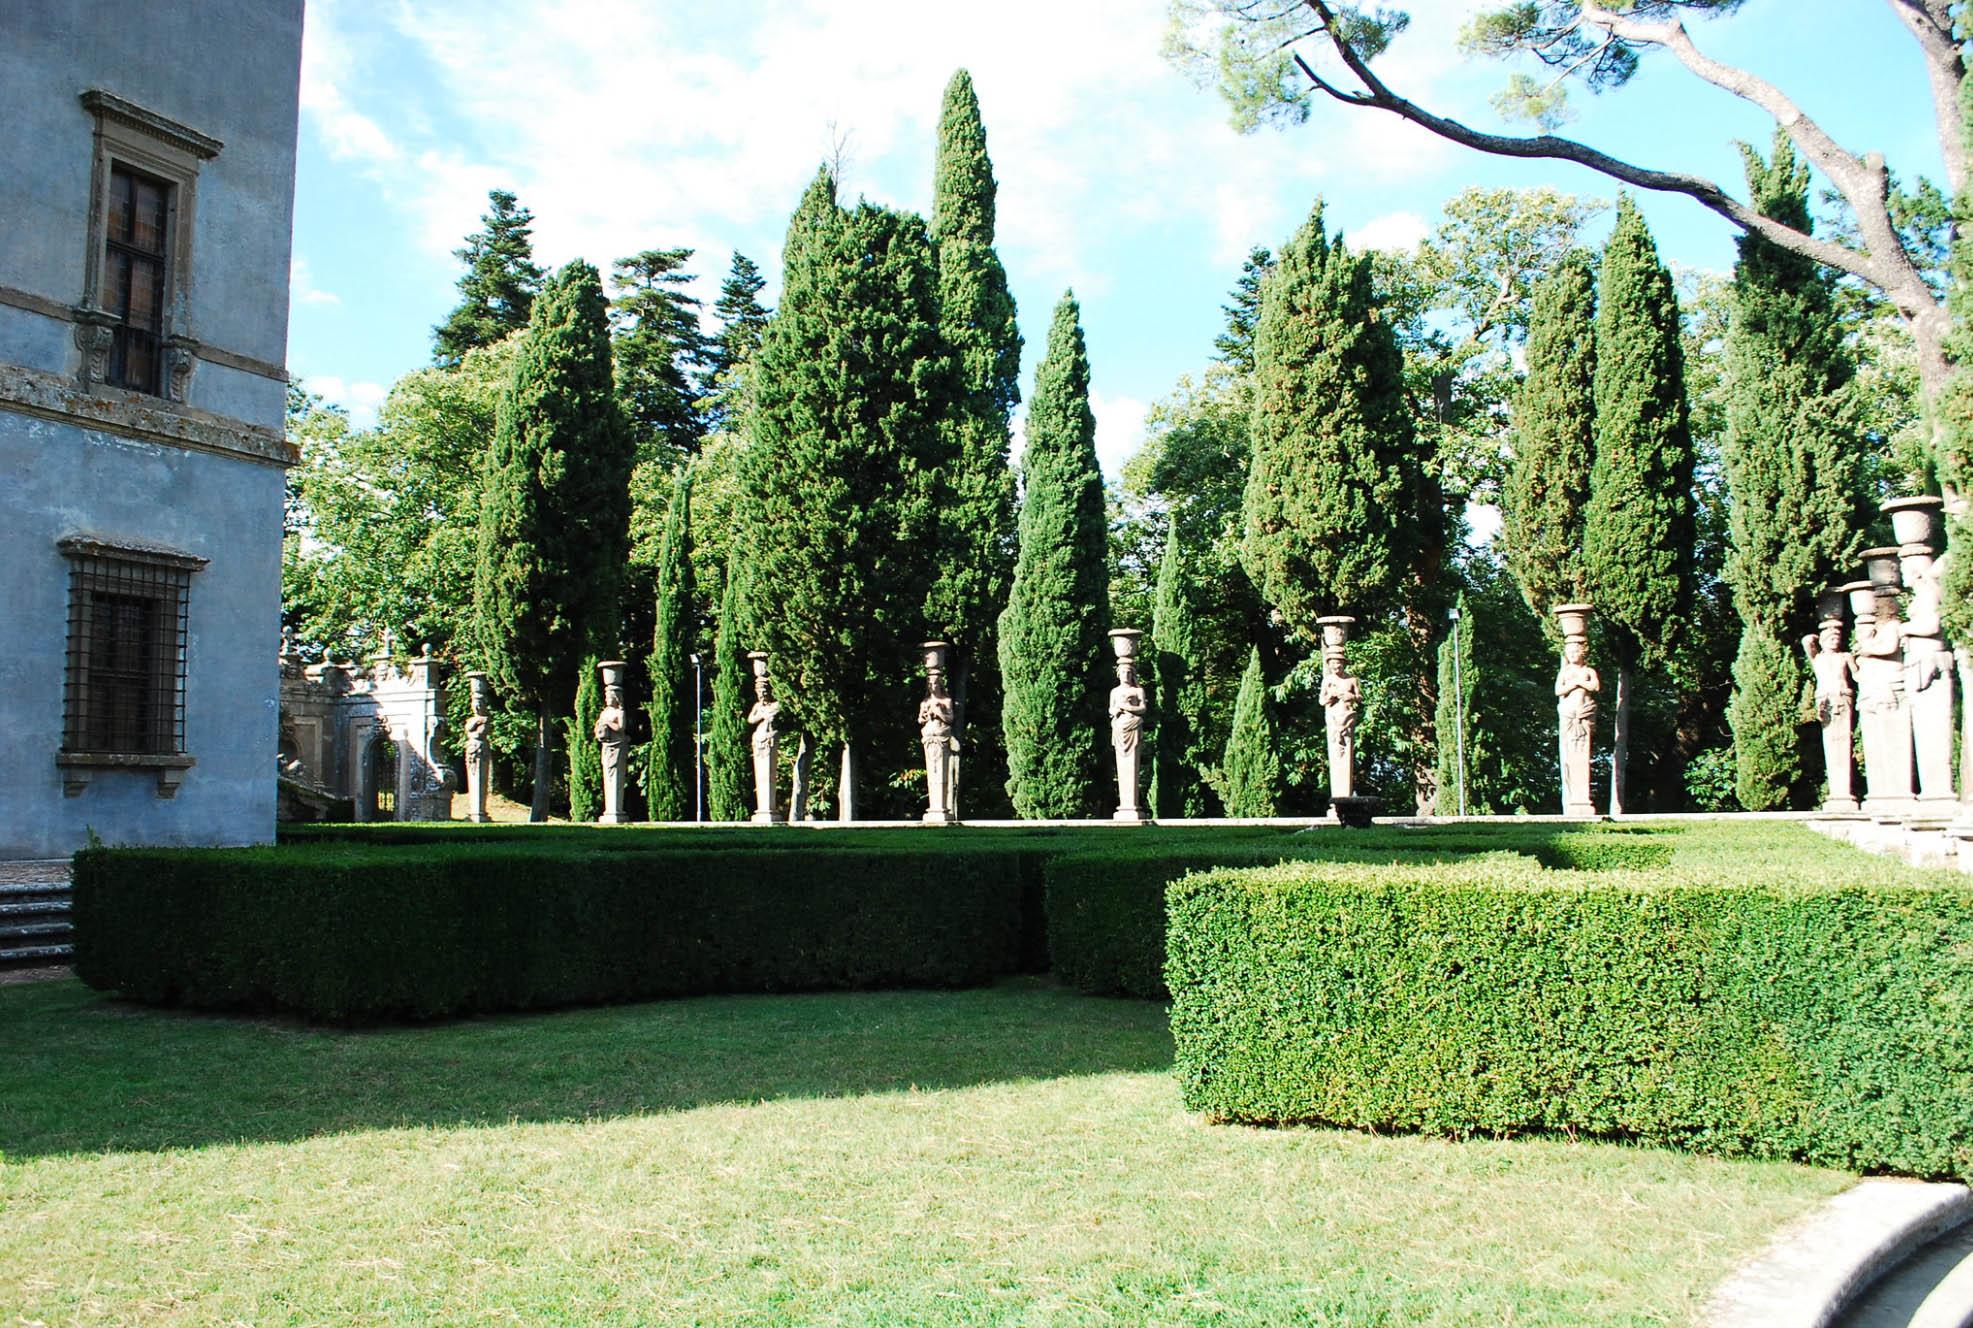 Giardini a Palazzo Farnese - Lazio private guide